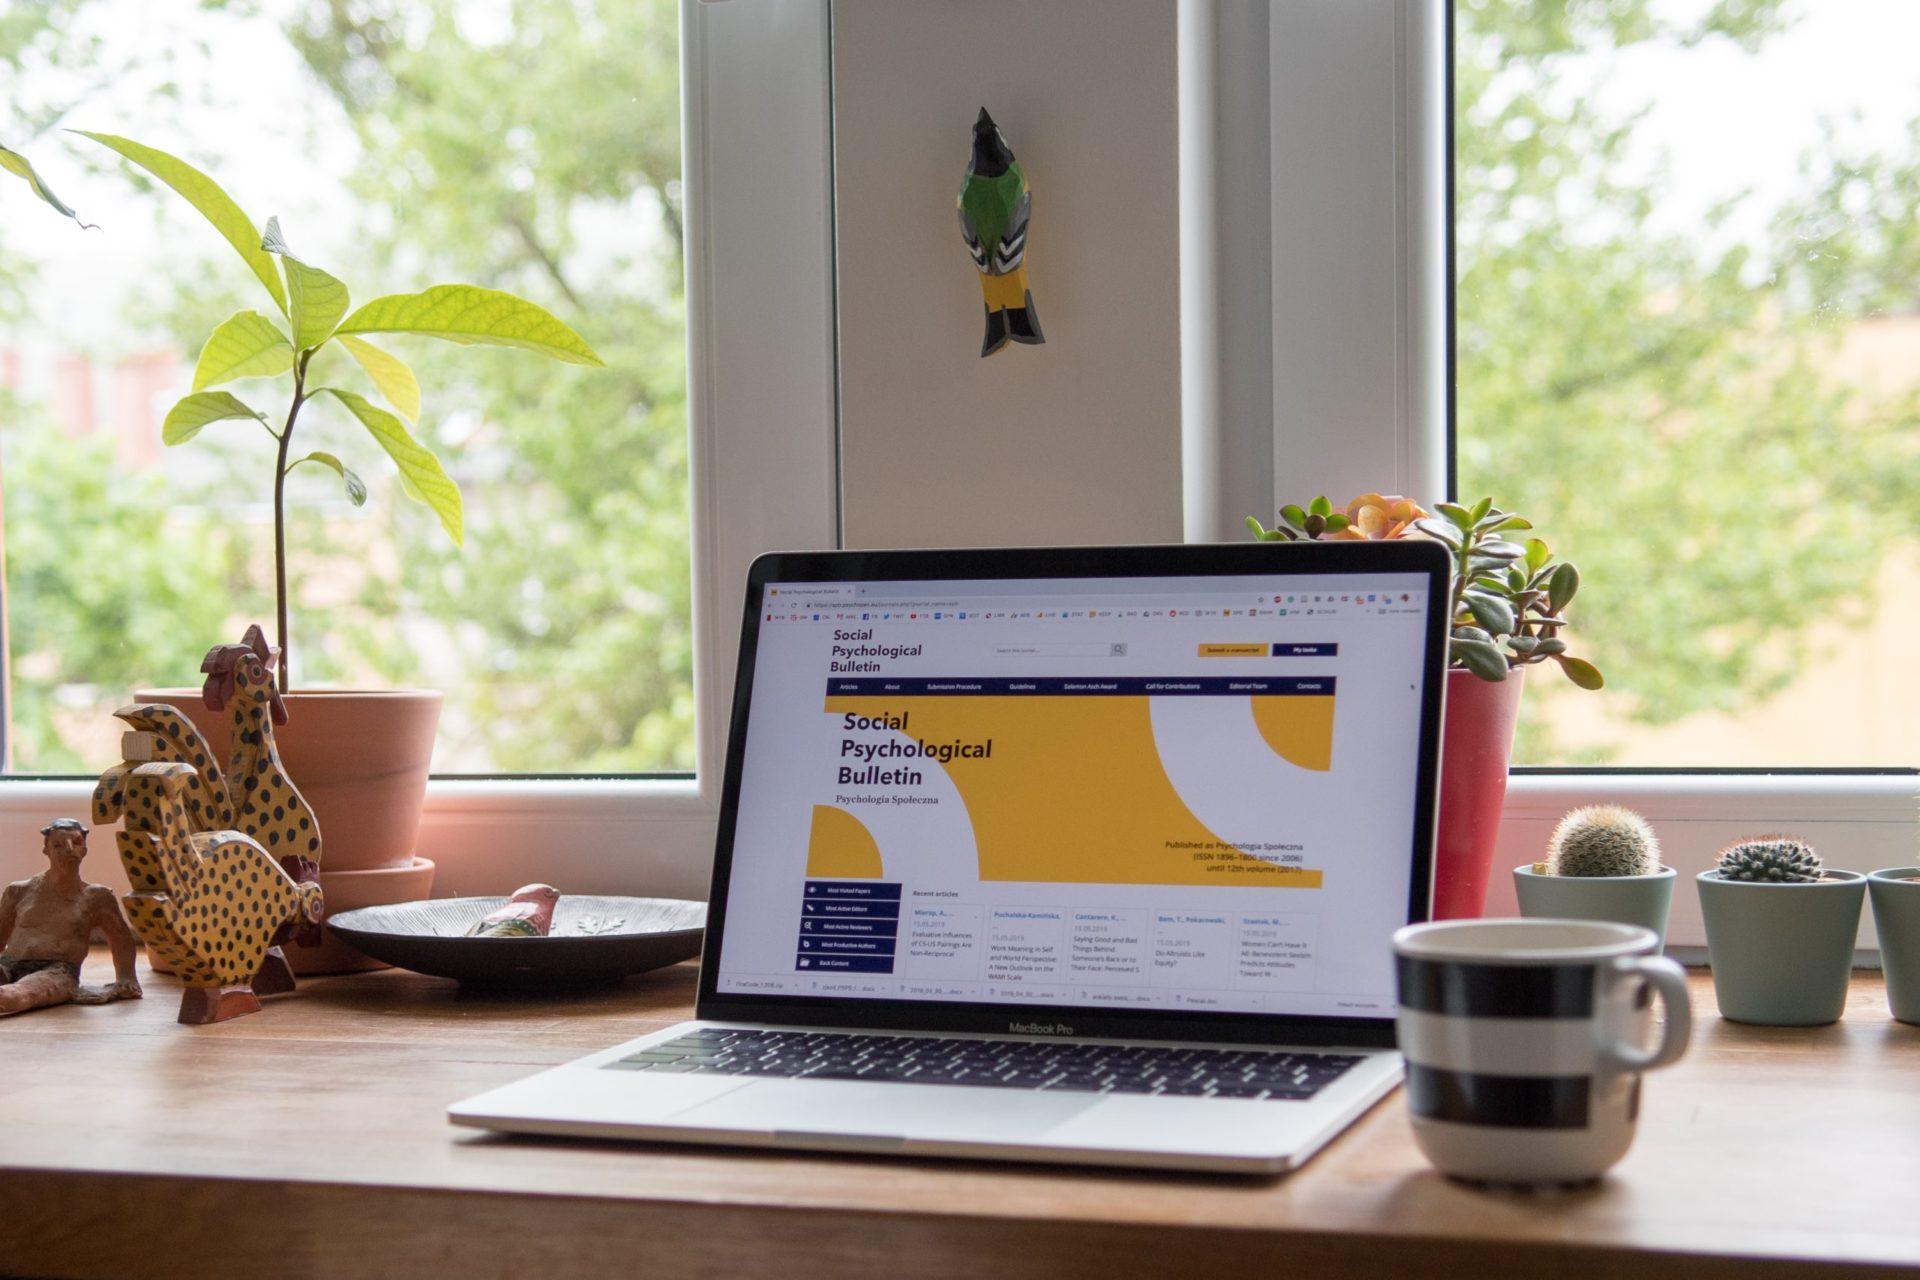 【就労継続支援B型の作業】広告掲載登録をしてブログを収益化しよう(初心者からのブログ運営)